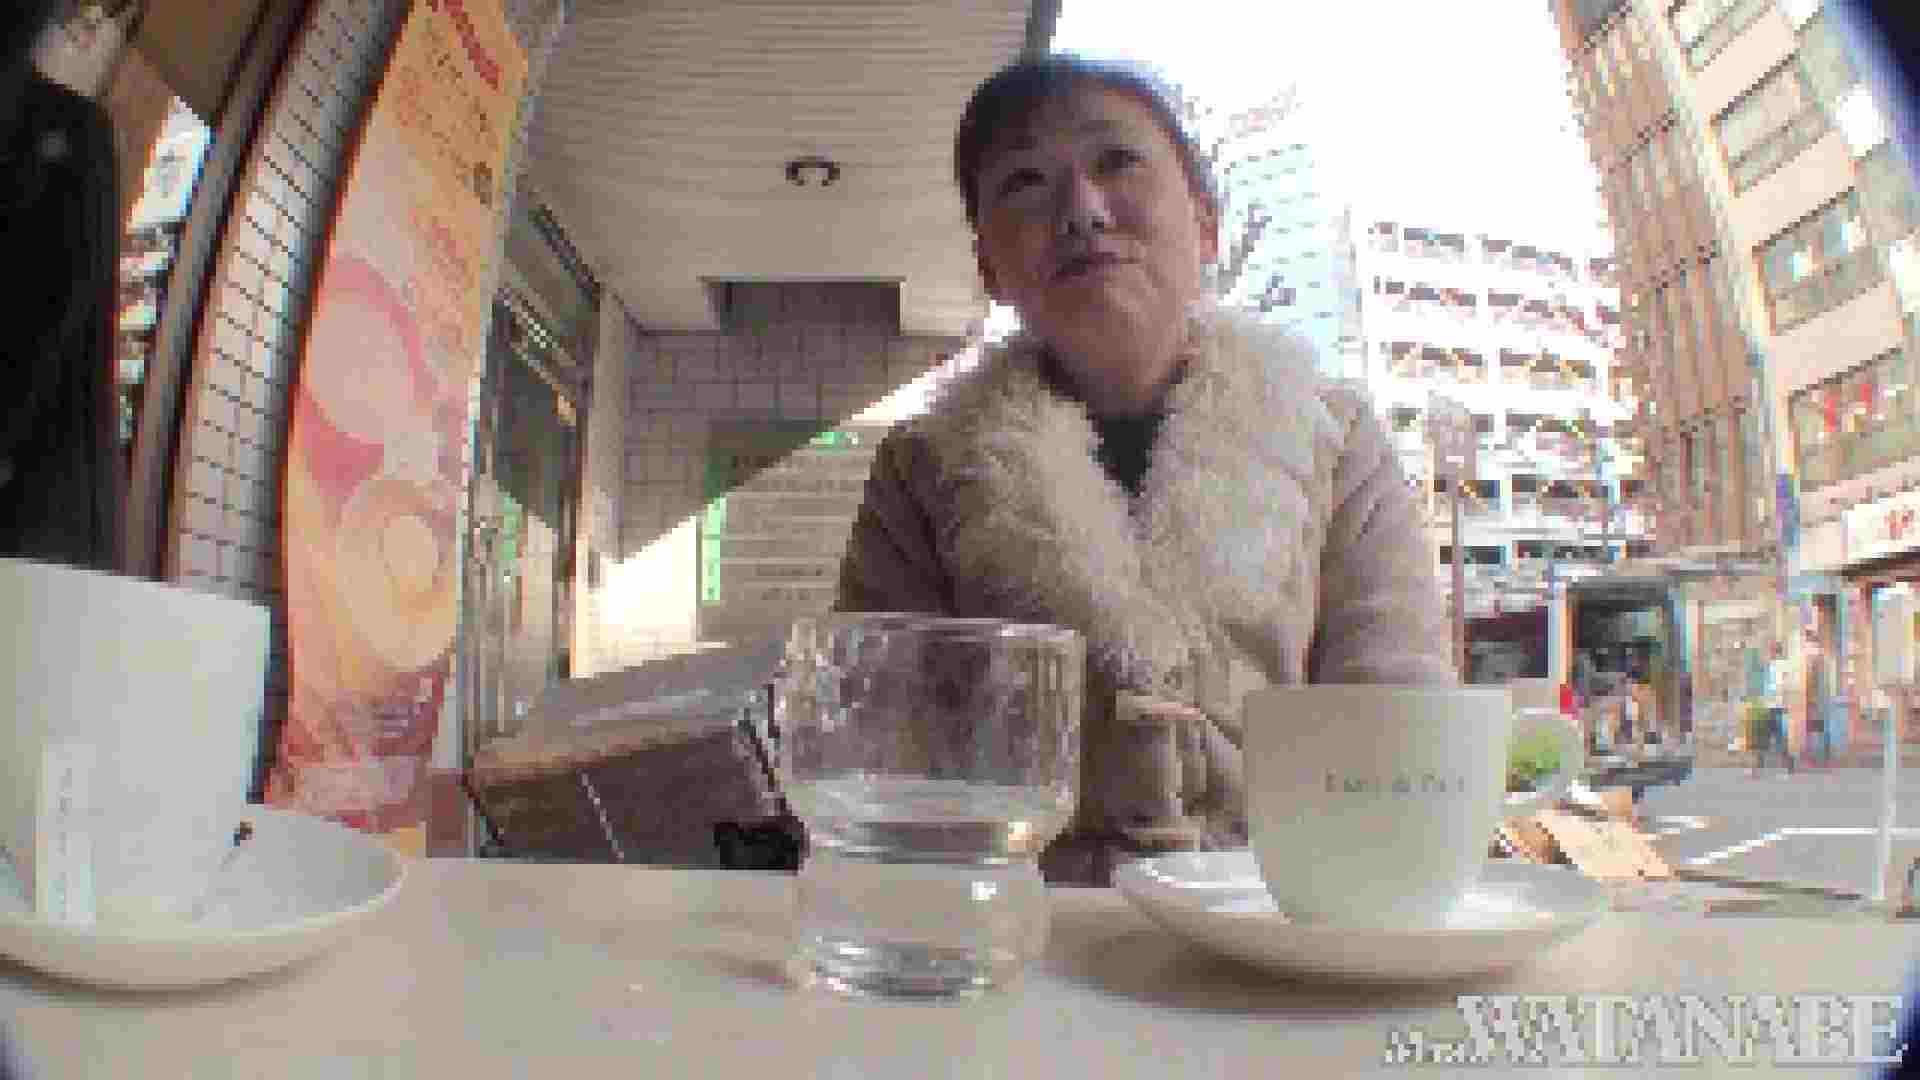 撮影スタッフを誘惑する痴熟女 かおり40歳 Vol.01 熟女  112連発 54